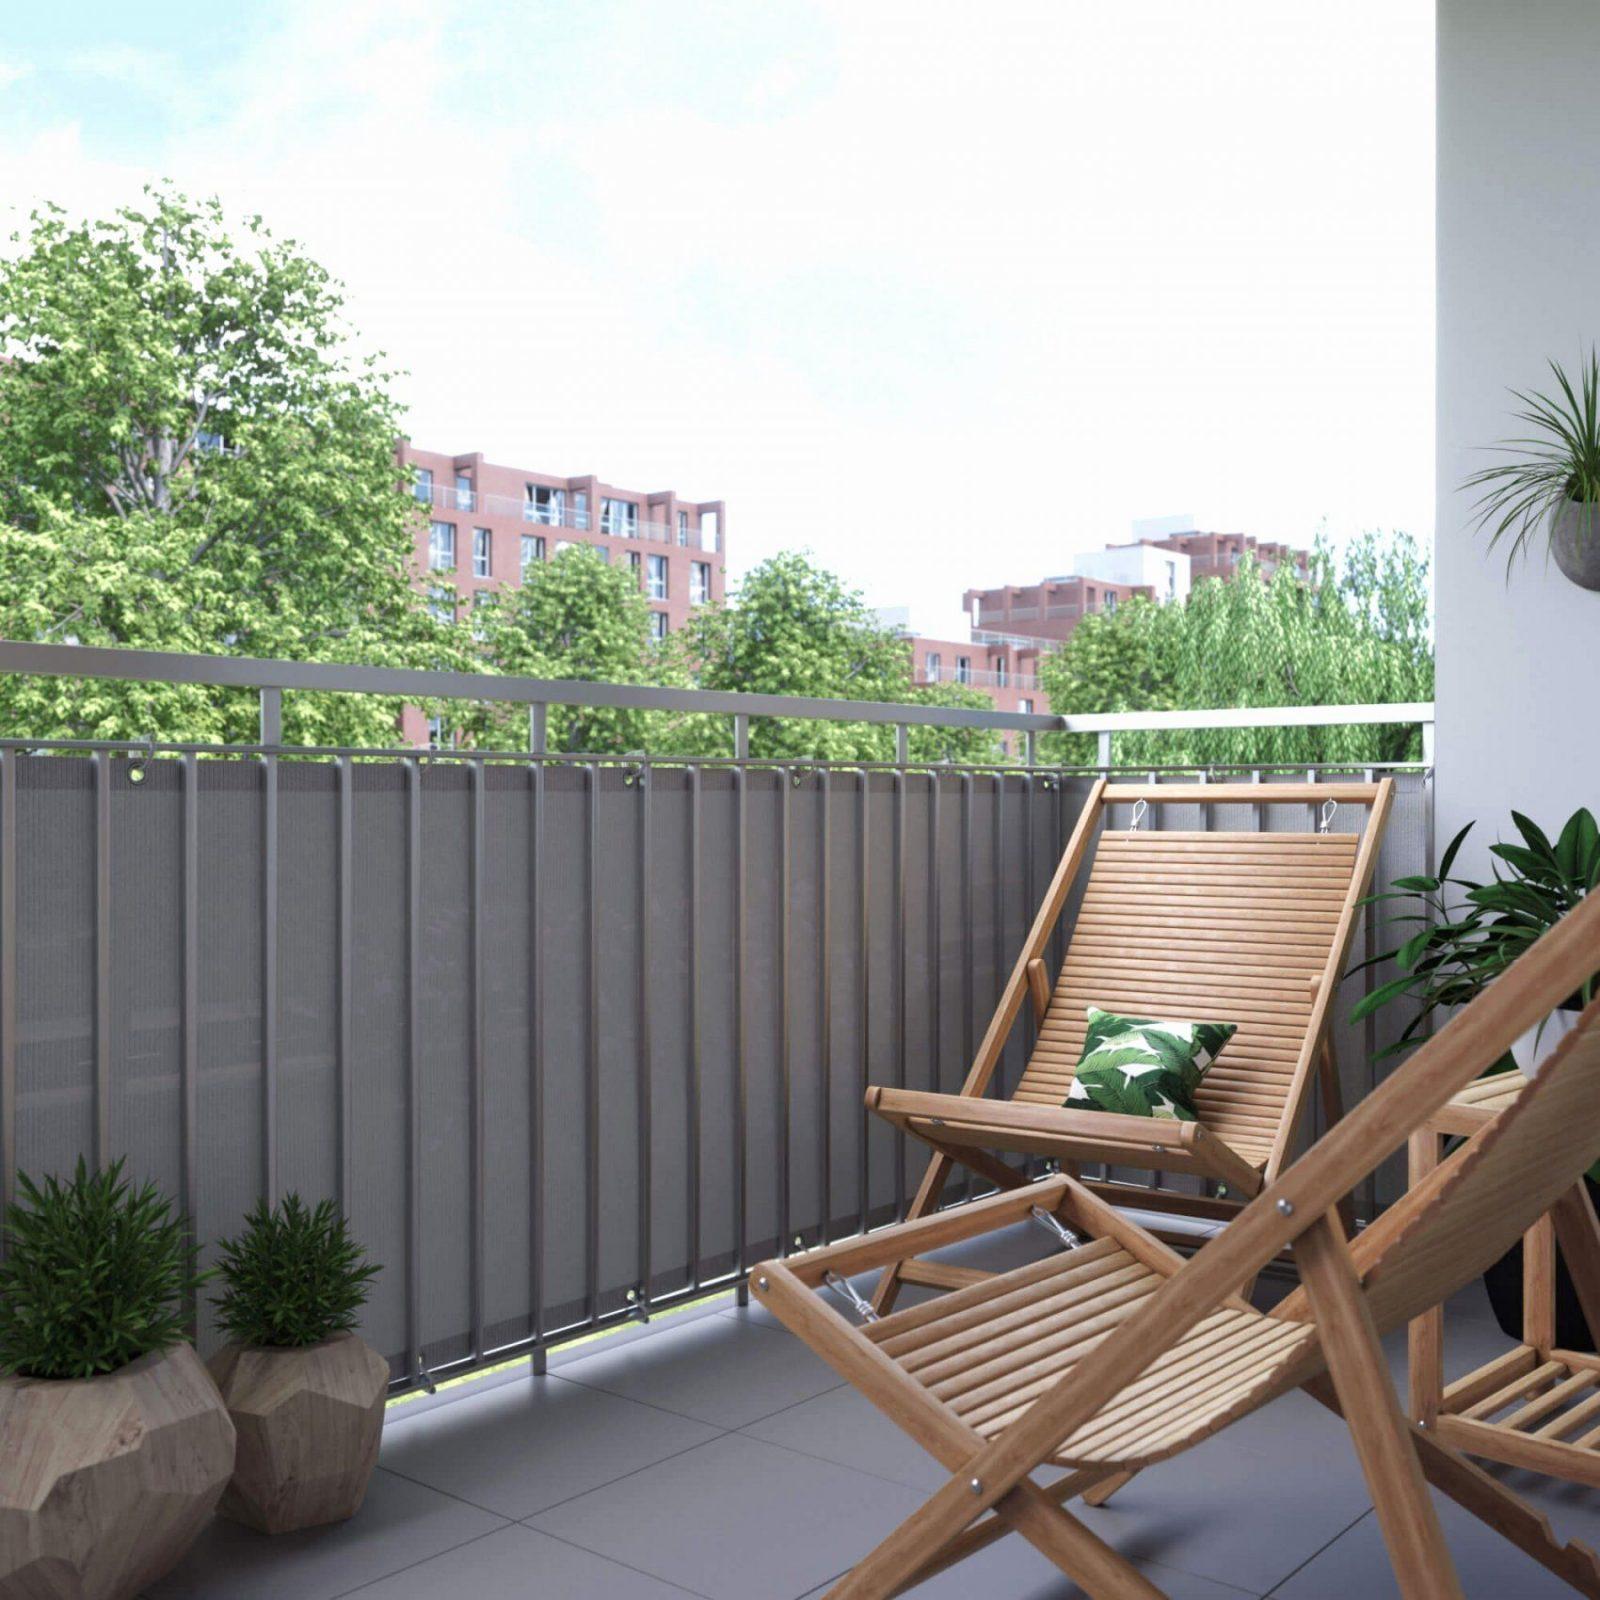 Ikea Balkon Sichtschutz Mobel Ideen 2018 Von Balkon Sichtschutz